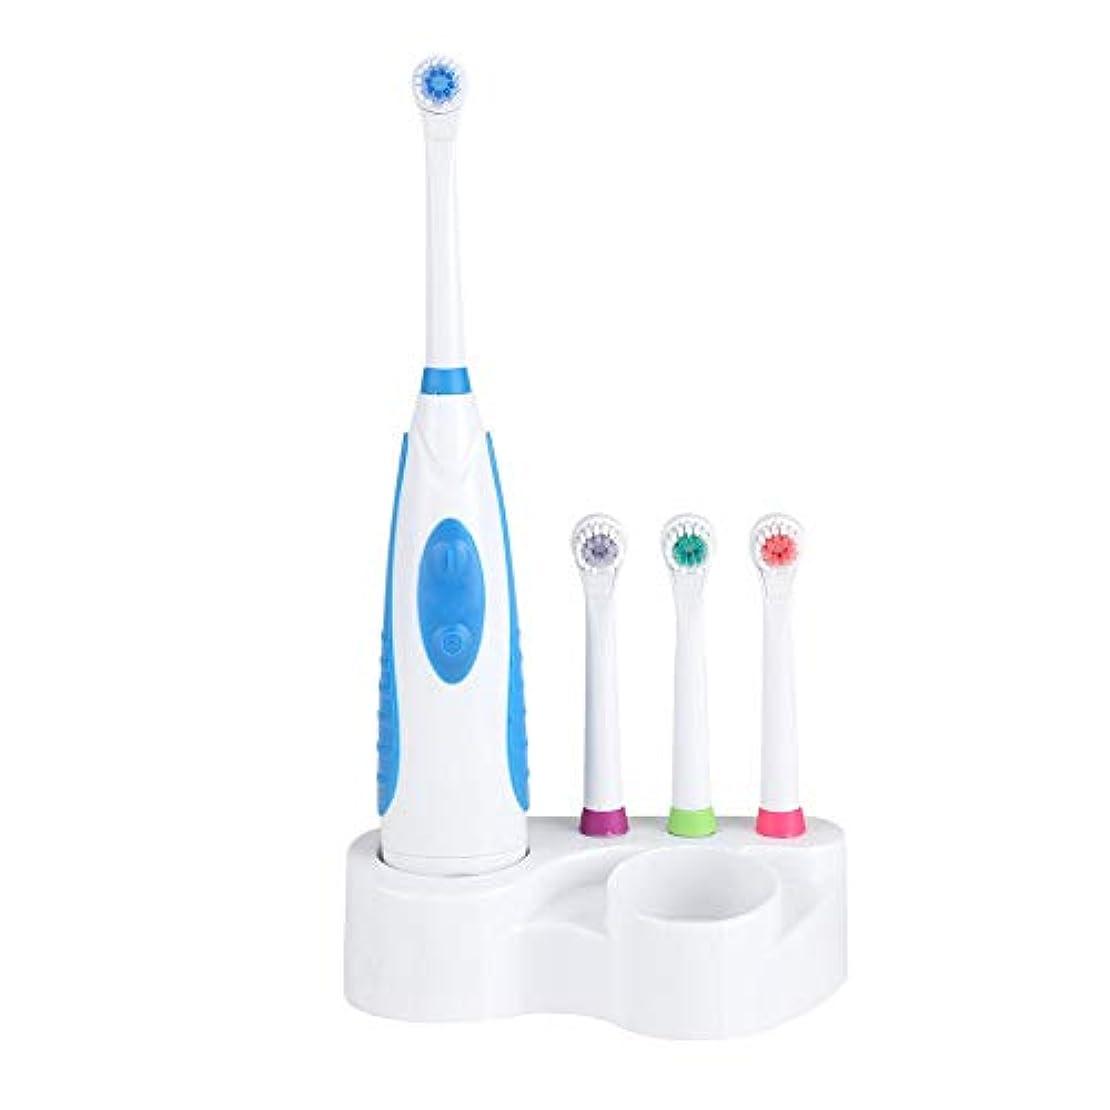 チェスお勧め毒性電動歯ブラシ3個の交換用ヘッドとホルダー付き電動歯ブラシホワイトニングクレンジングオーラルケア(Blue)